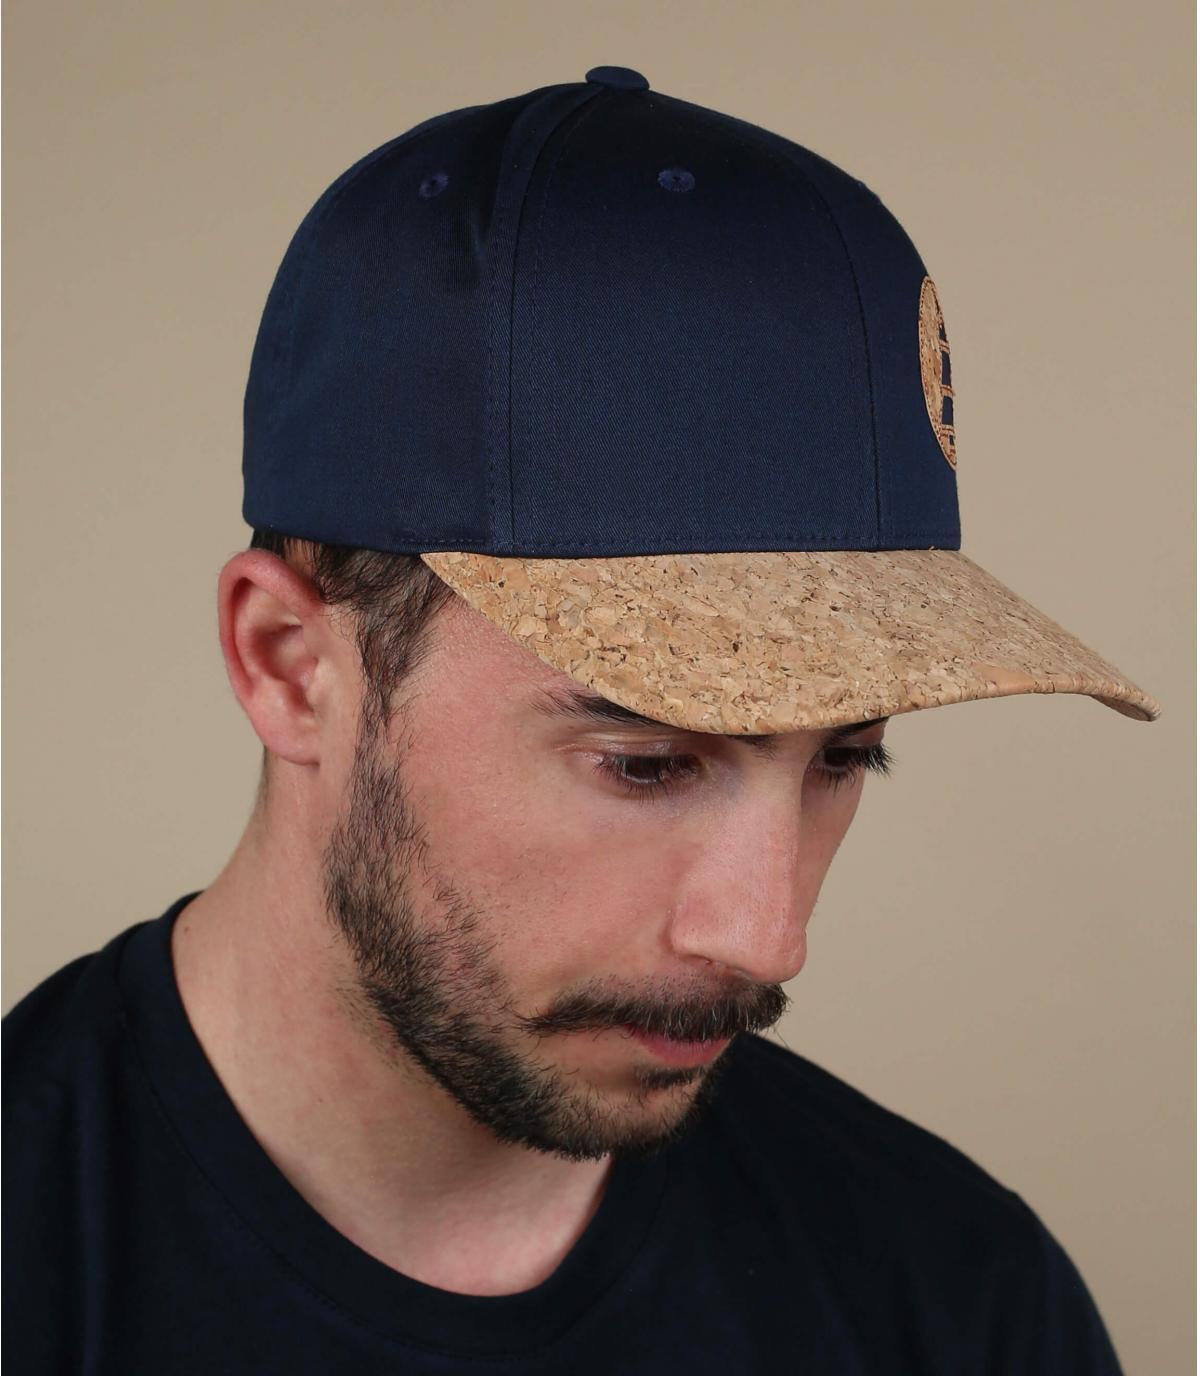 Blaue Cap Picture